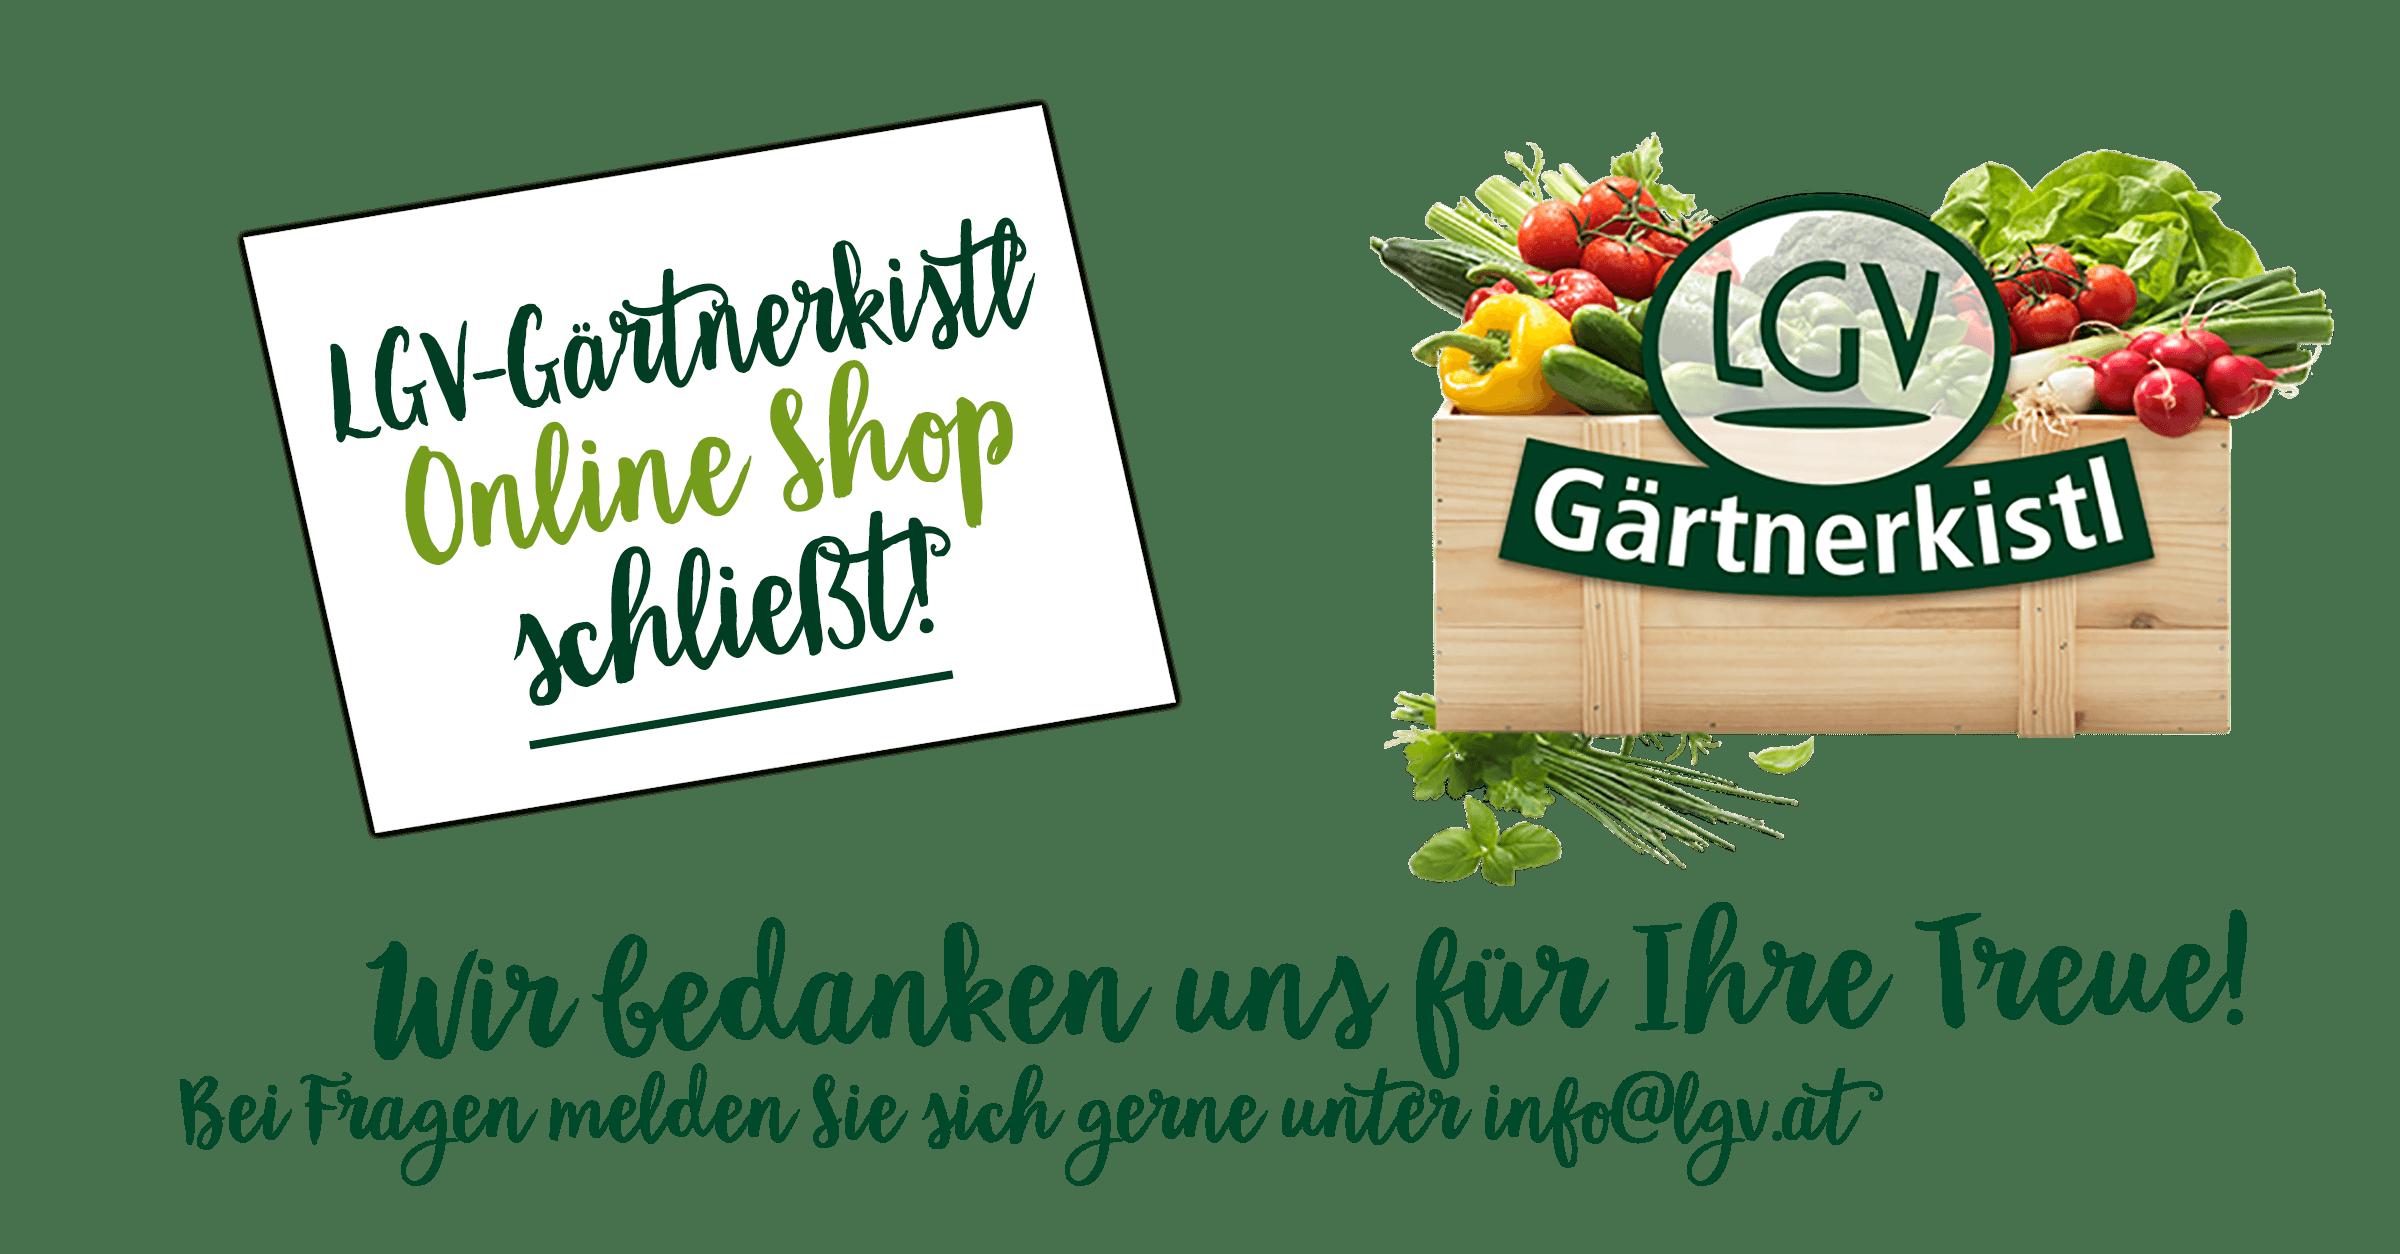 Goodbye Gärtnerkistl